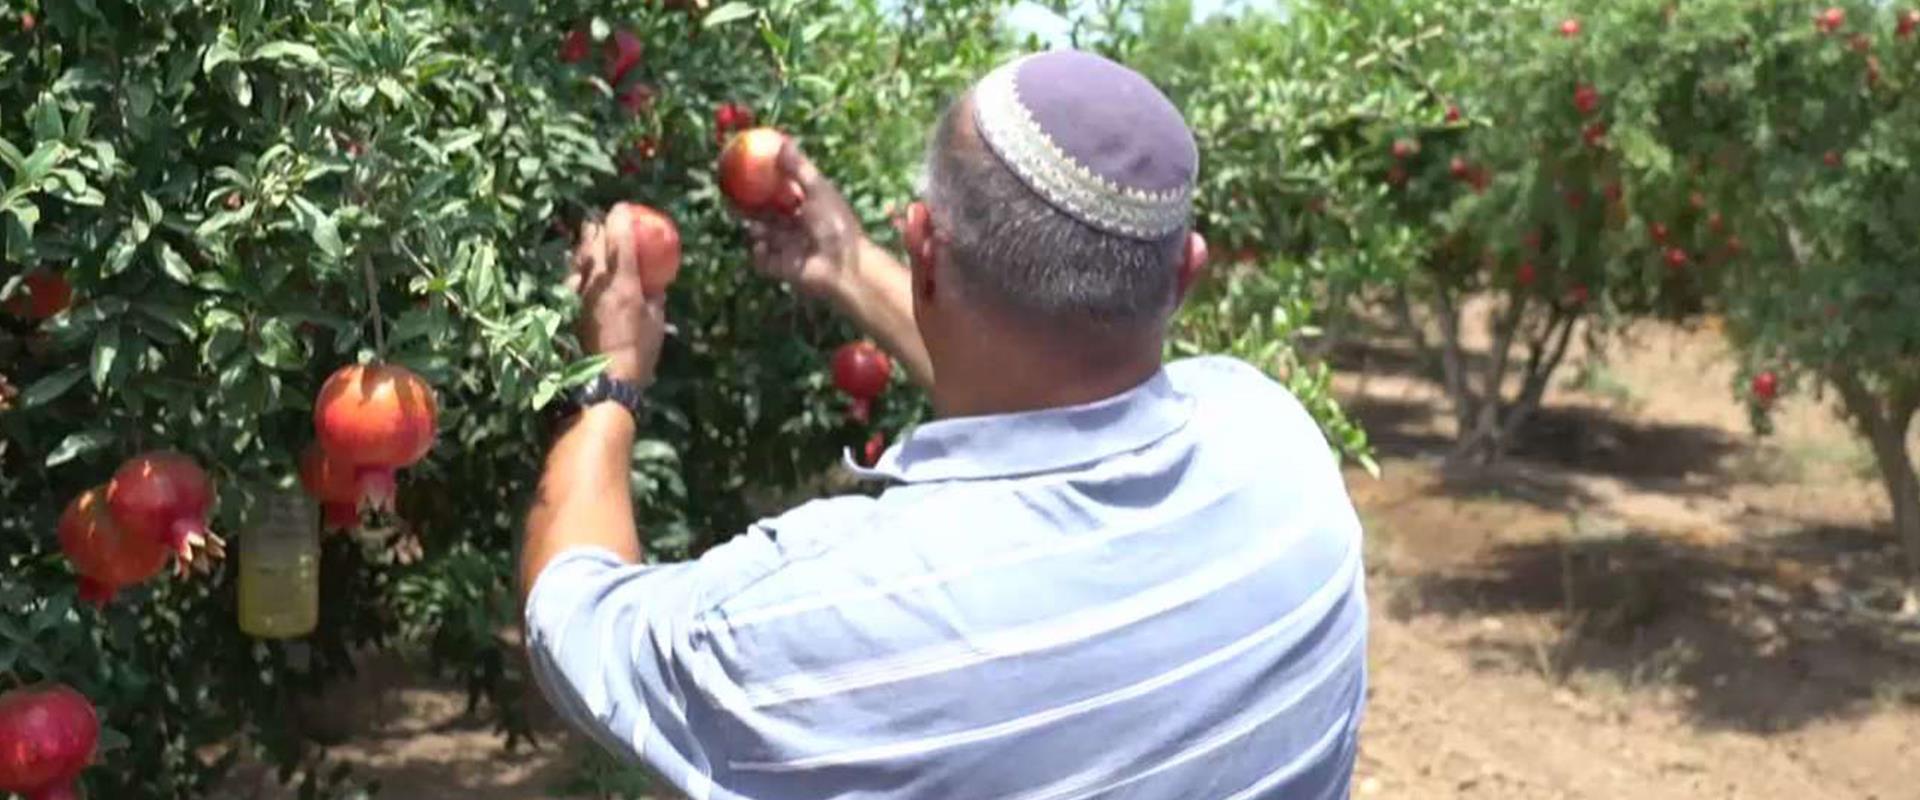 """""""למה אתה גונב?"""": המלחמה של החקלאים במשפחות הישראלי"""